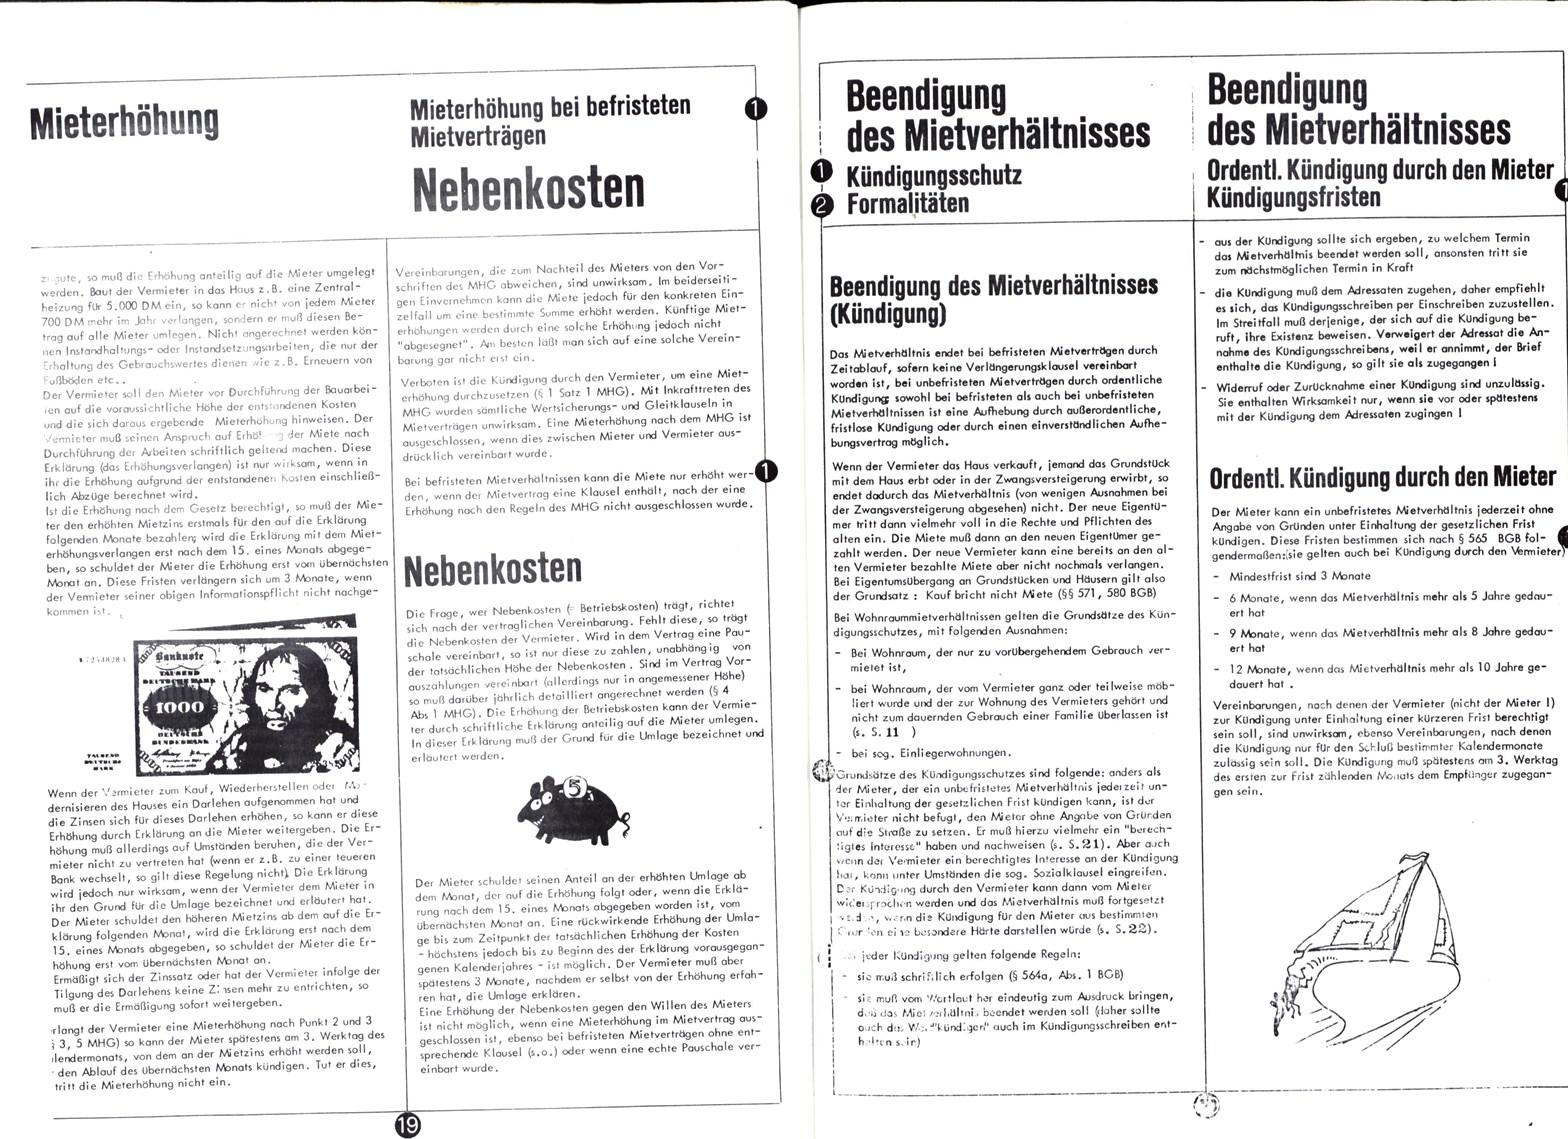 Muenster_AStA_Info_19770000_Mietinfo1_11